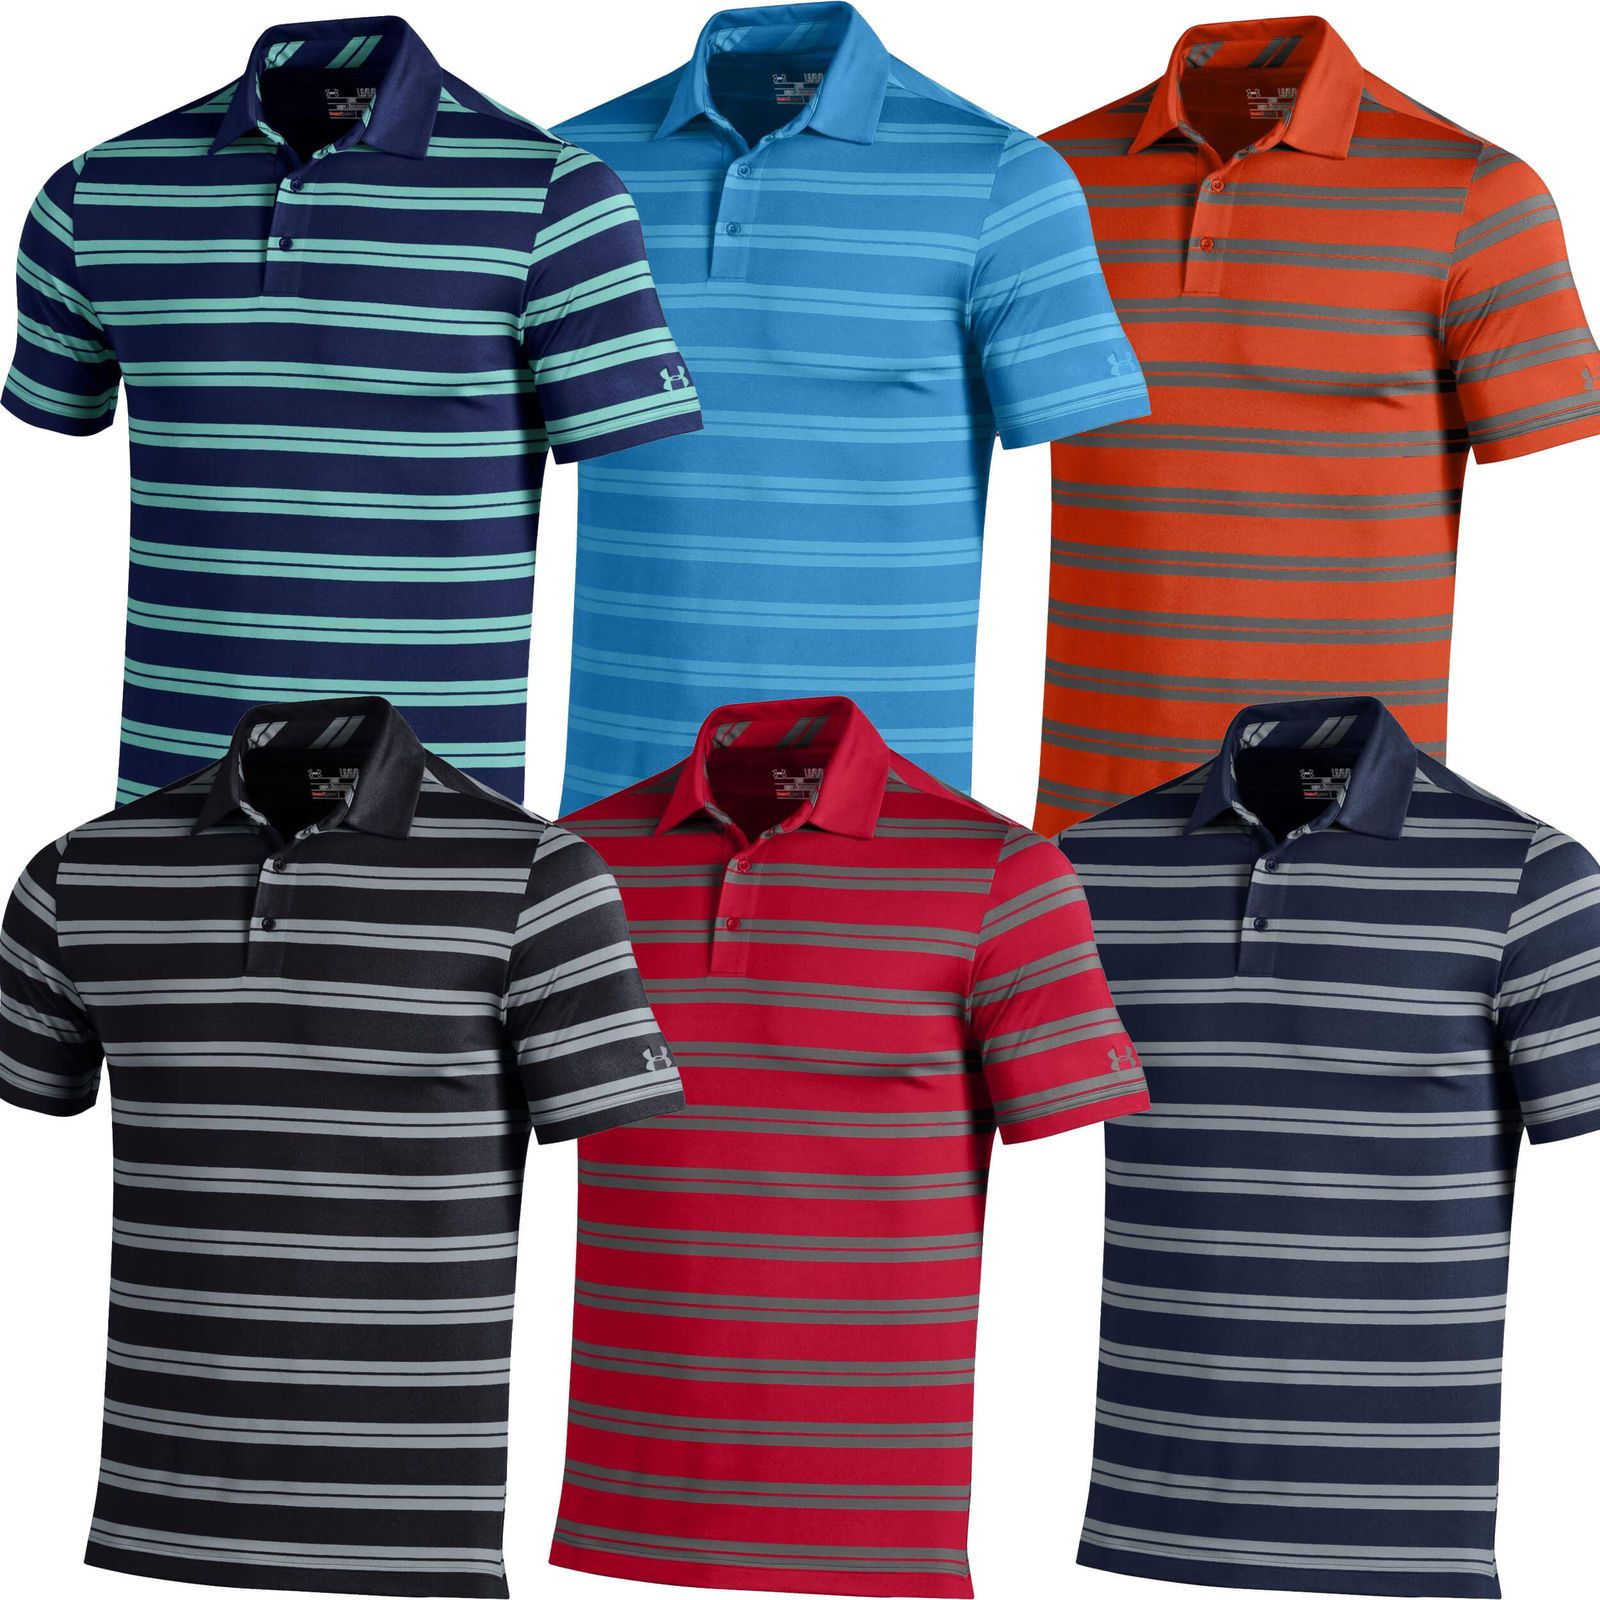 Under Armour Golf Shirt Long Sleeve Performance Polo Shirt Bcd